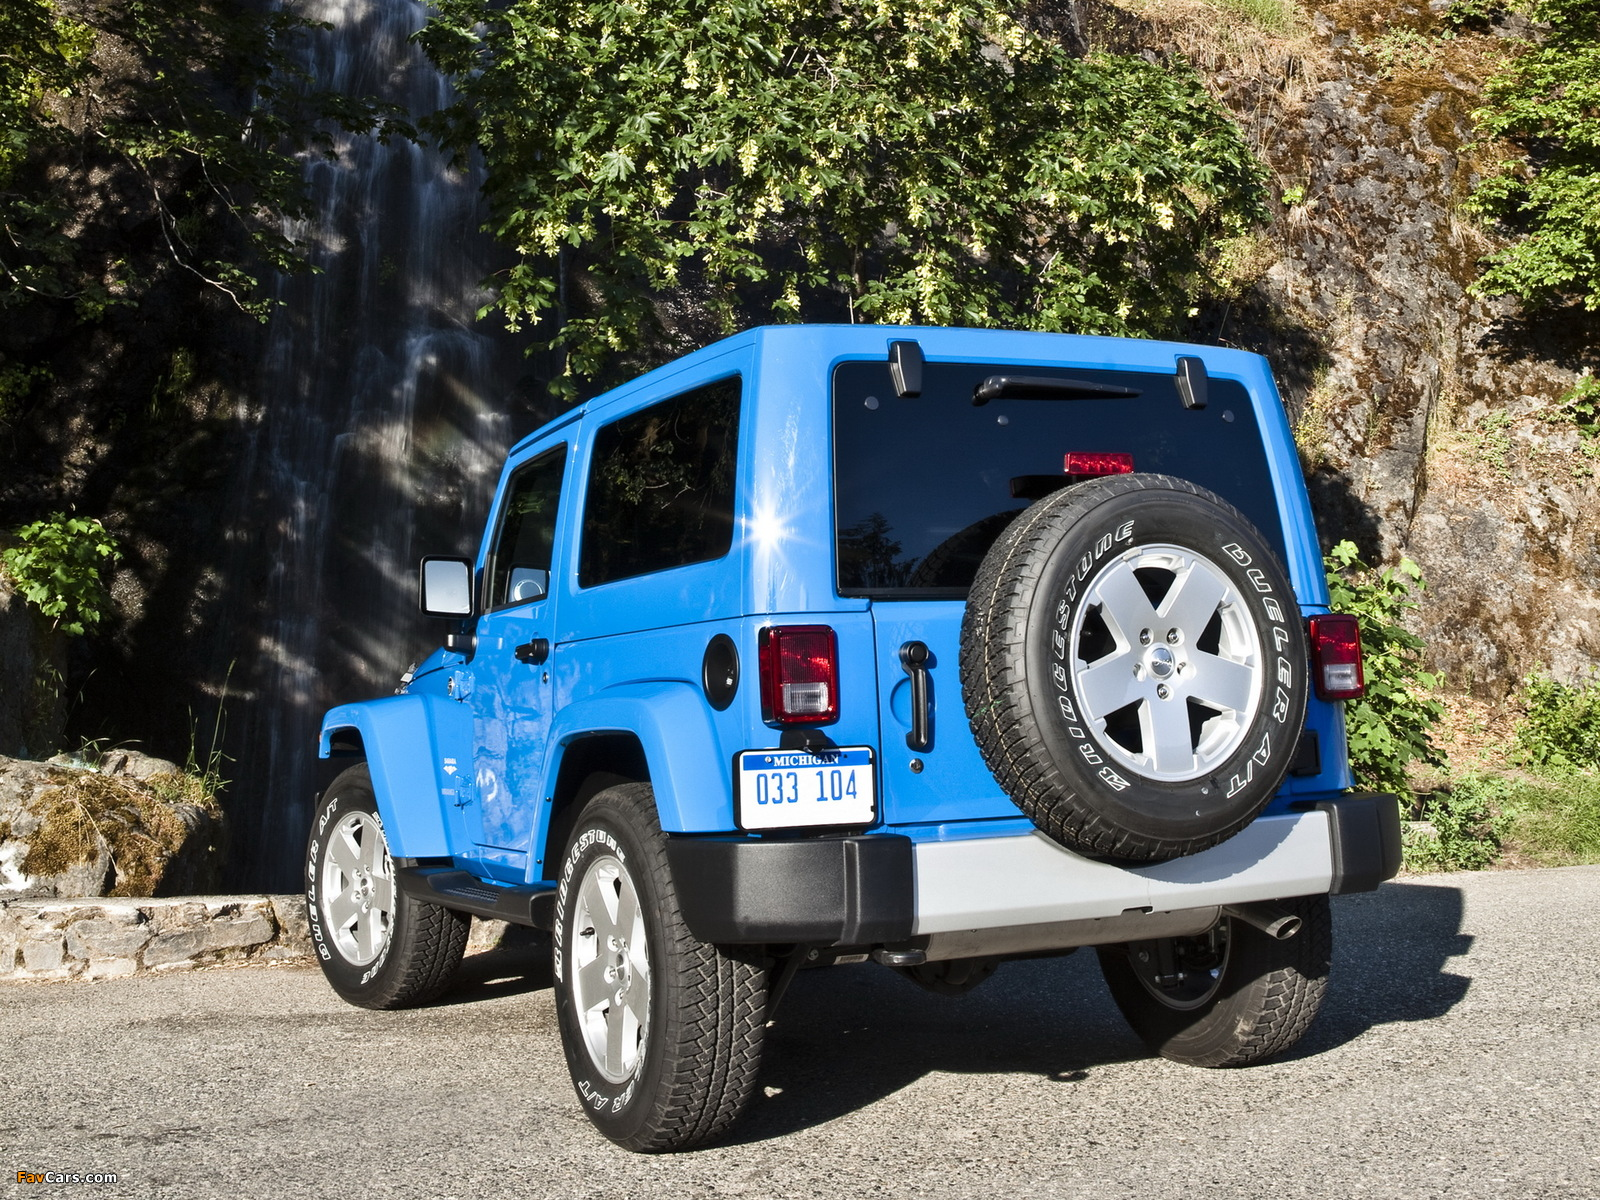 Jeep Wrangler Sahara (JK) 2007 photos (1600 x 1200)